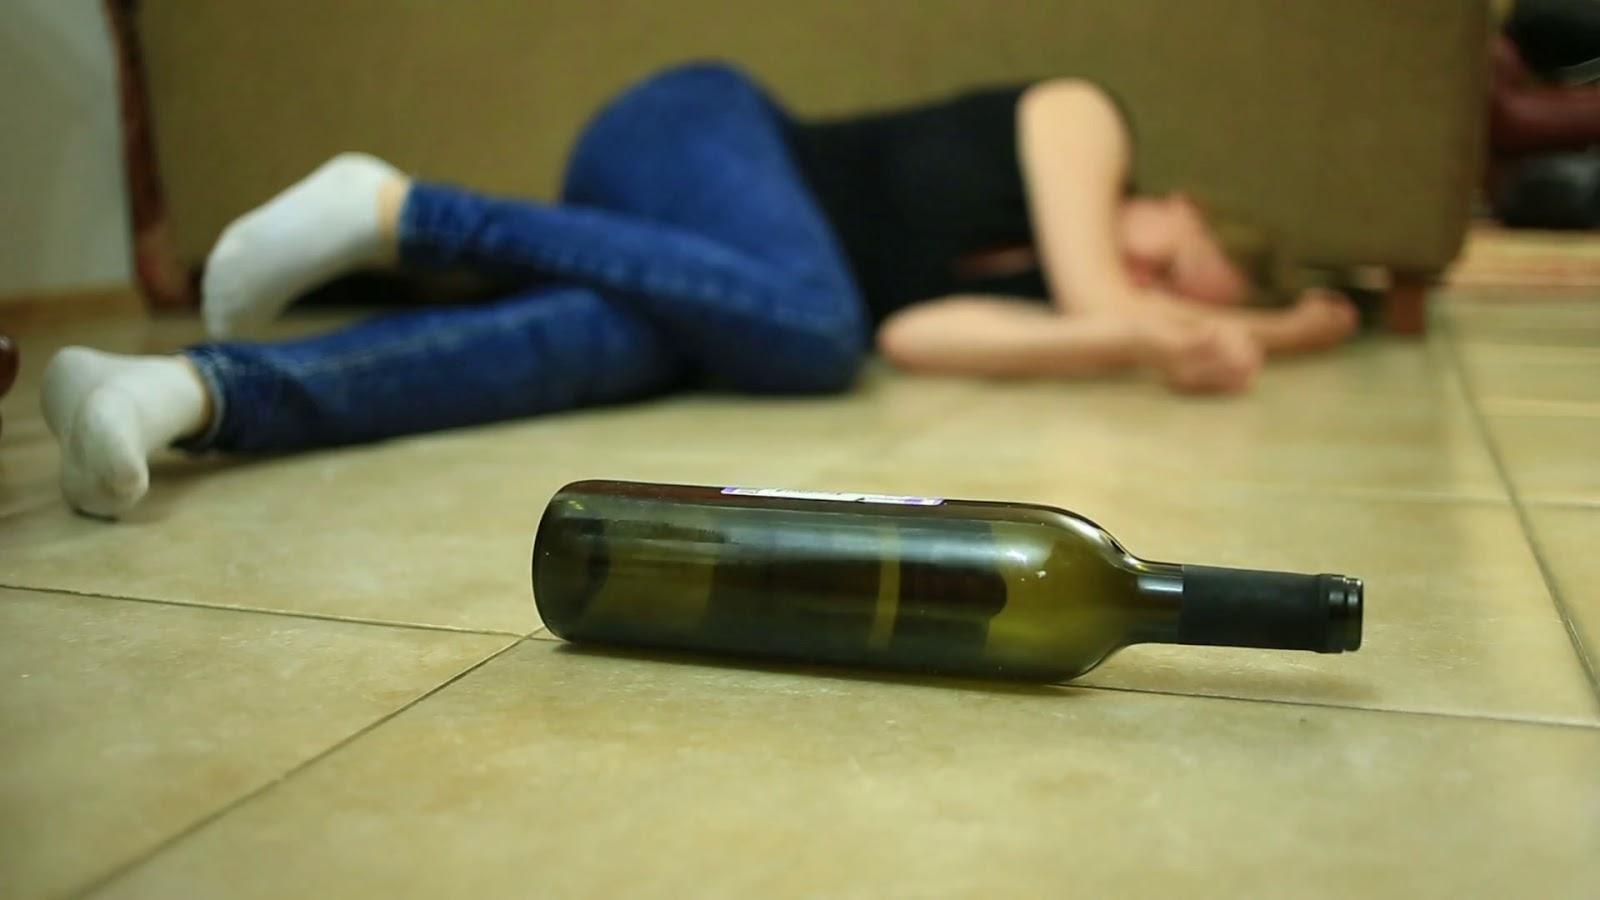 Разрыв анала бутылка, Разорвал анал в клочья, так жестко ебал в жопу 11 фотография